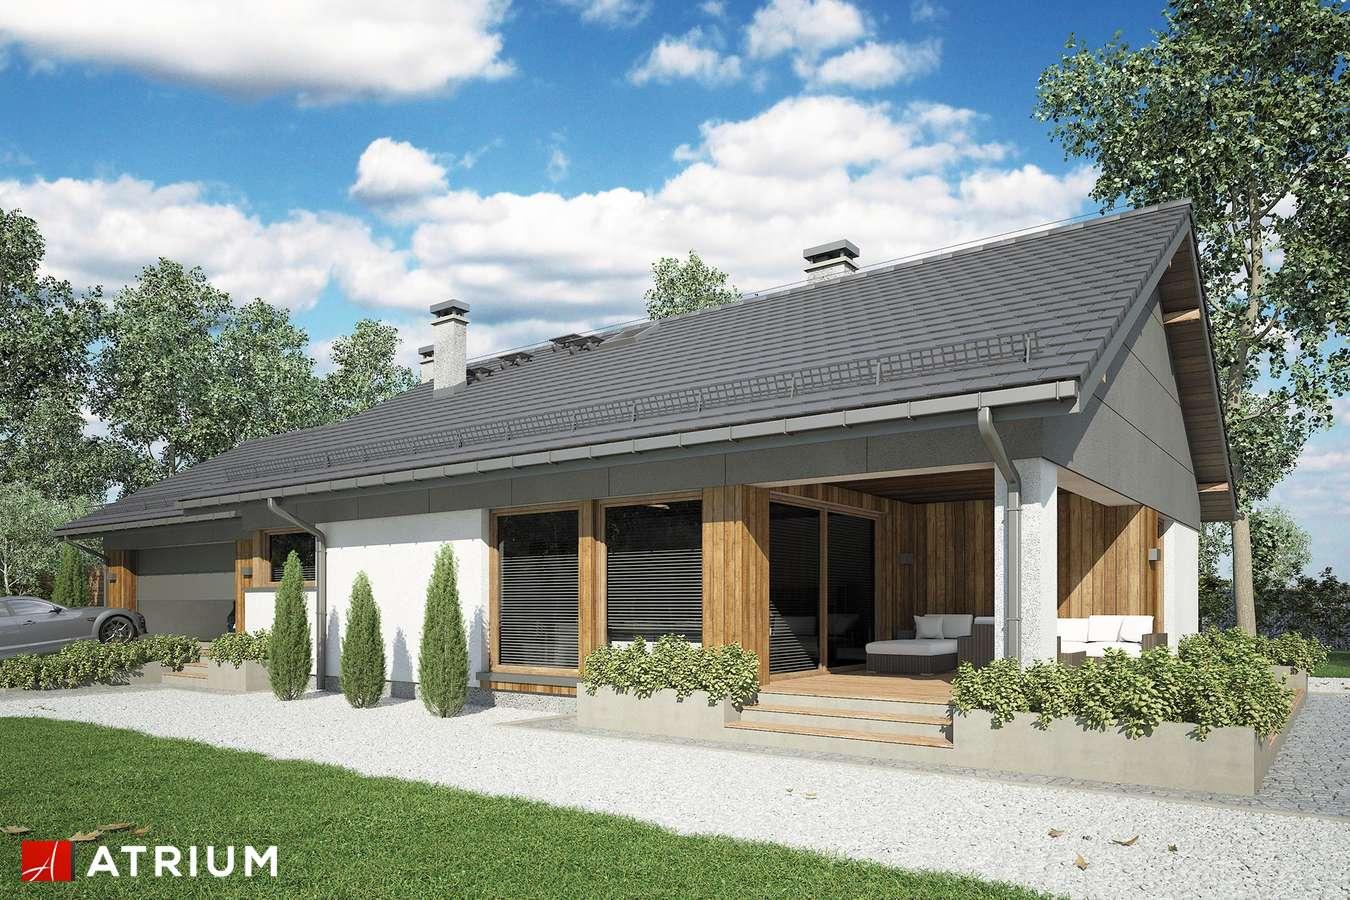 Projekty domów - Projekt domu parterowego KOS MINI II SZ - wizualizacja 2 - wersja lustrzana